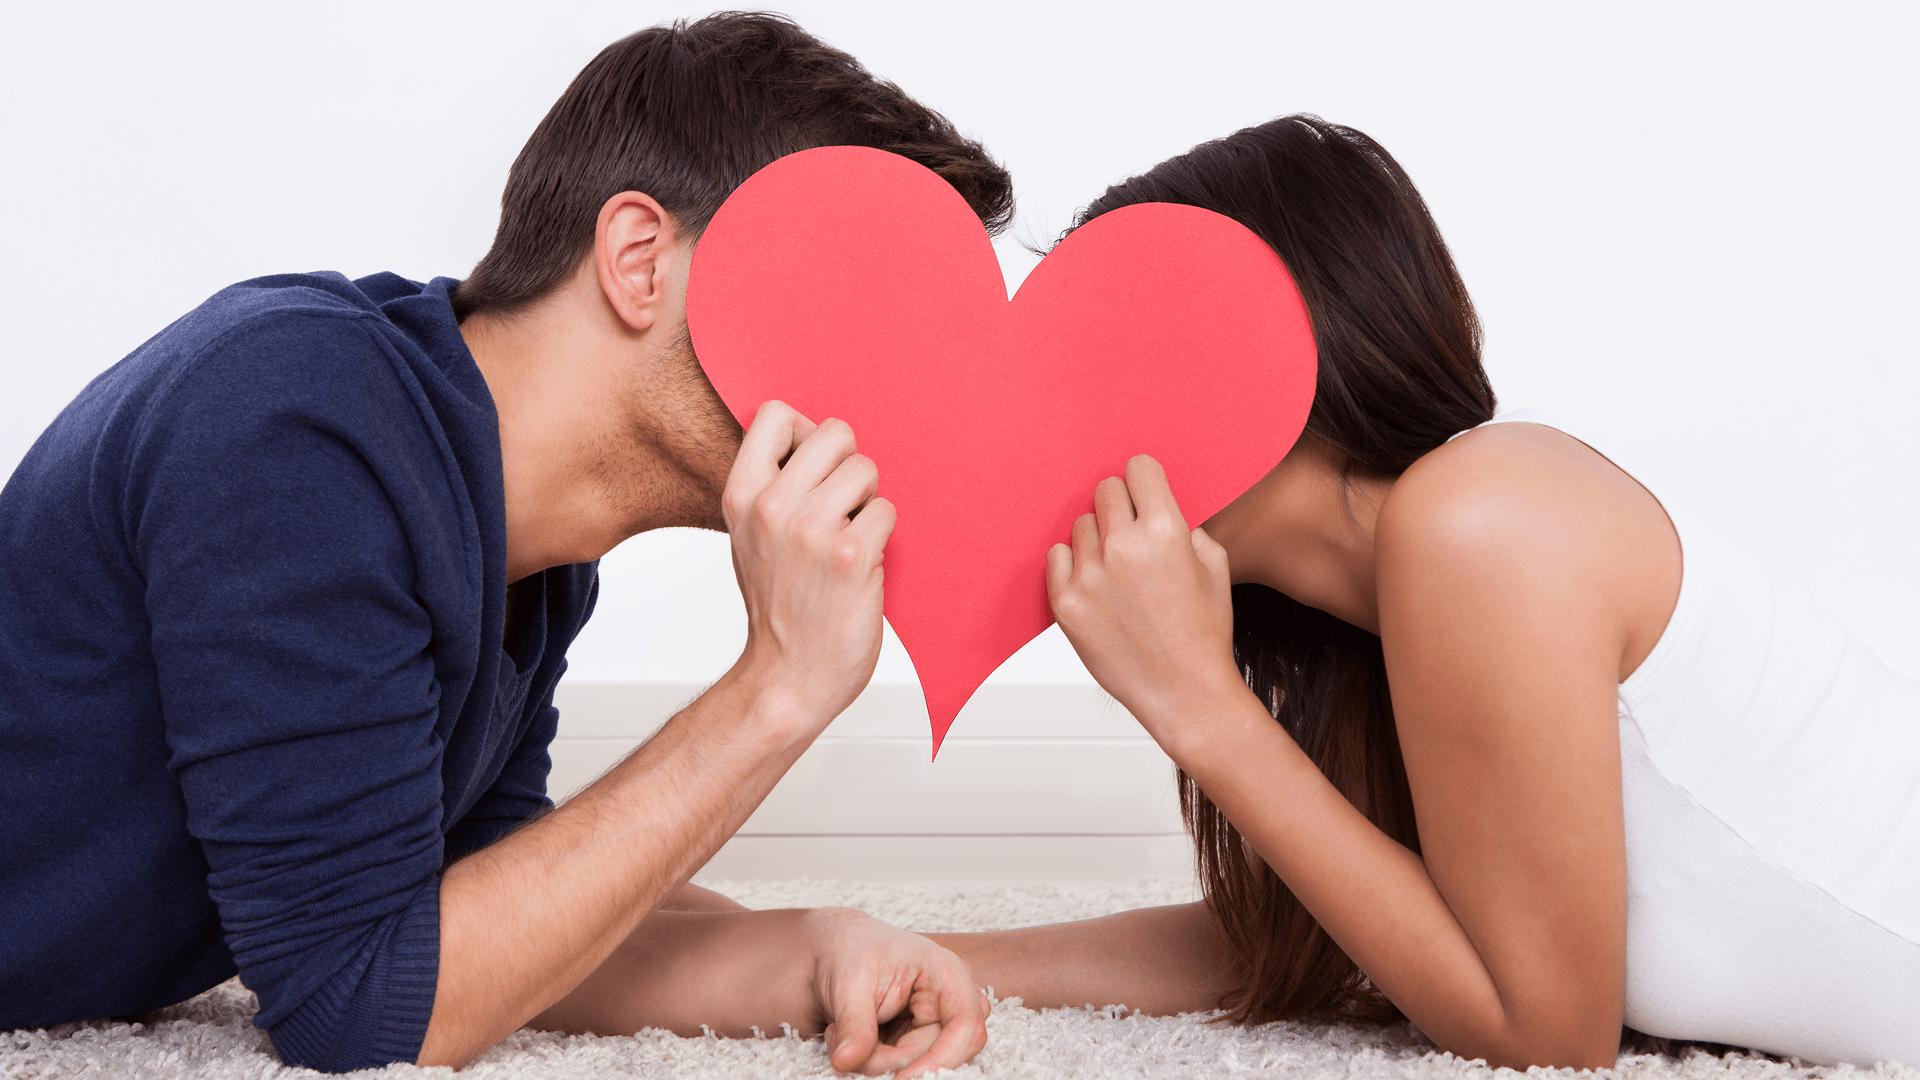 Cuộc sống hôn nhân: Hạnh phúc nằm trong những lời nói, hãy trân trọng nhau  thật lòng!